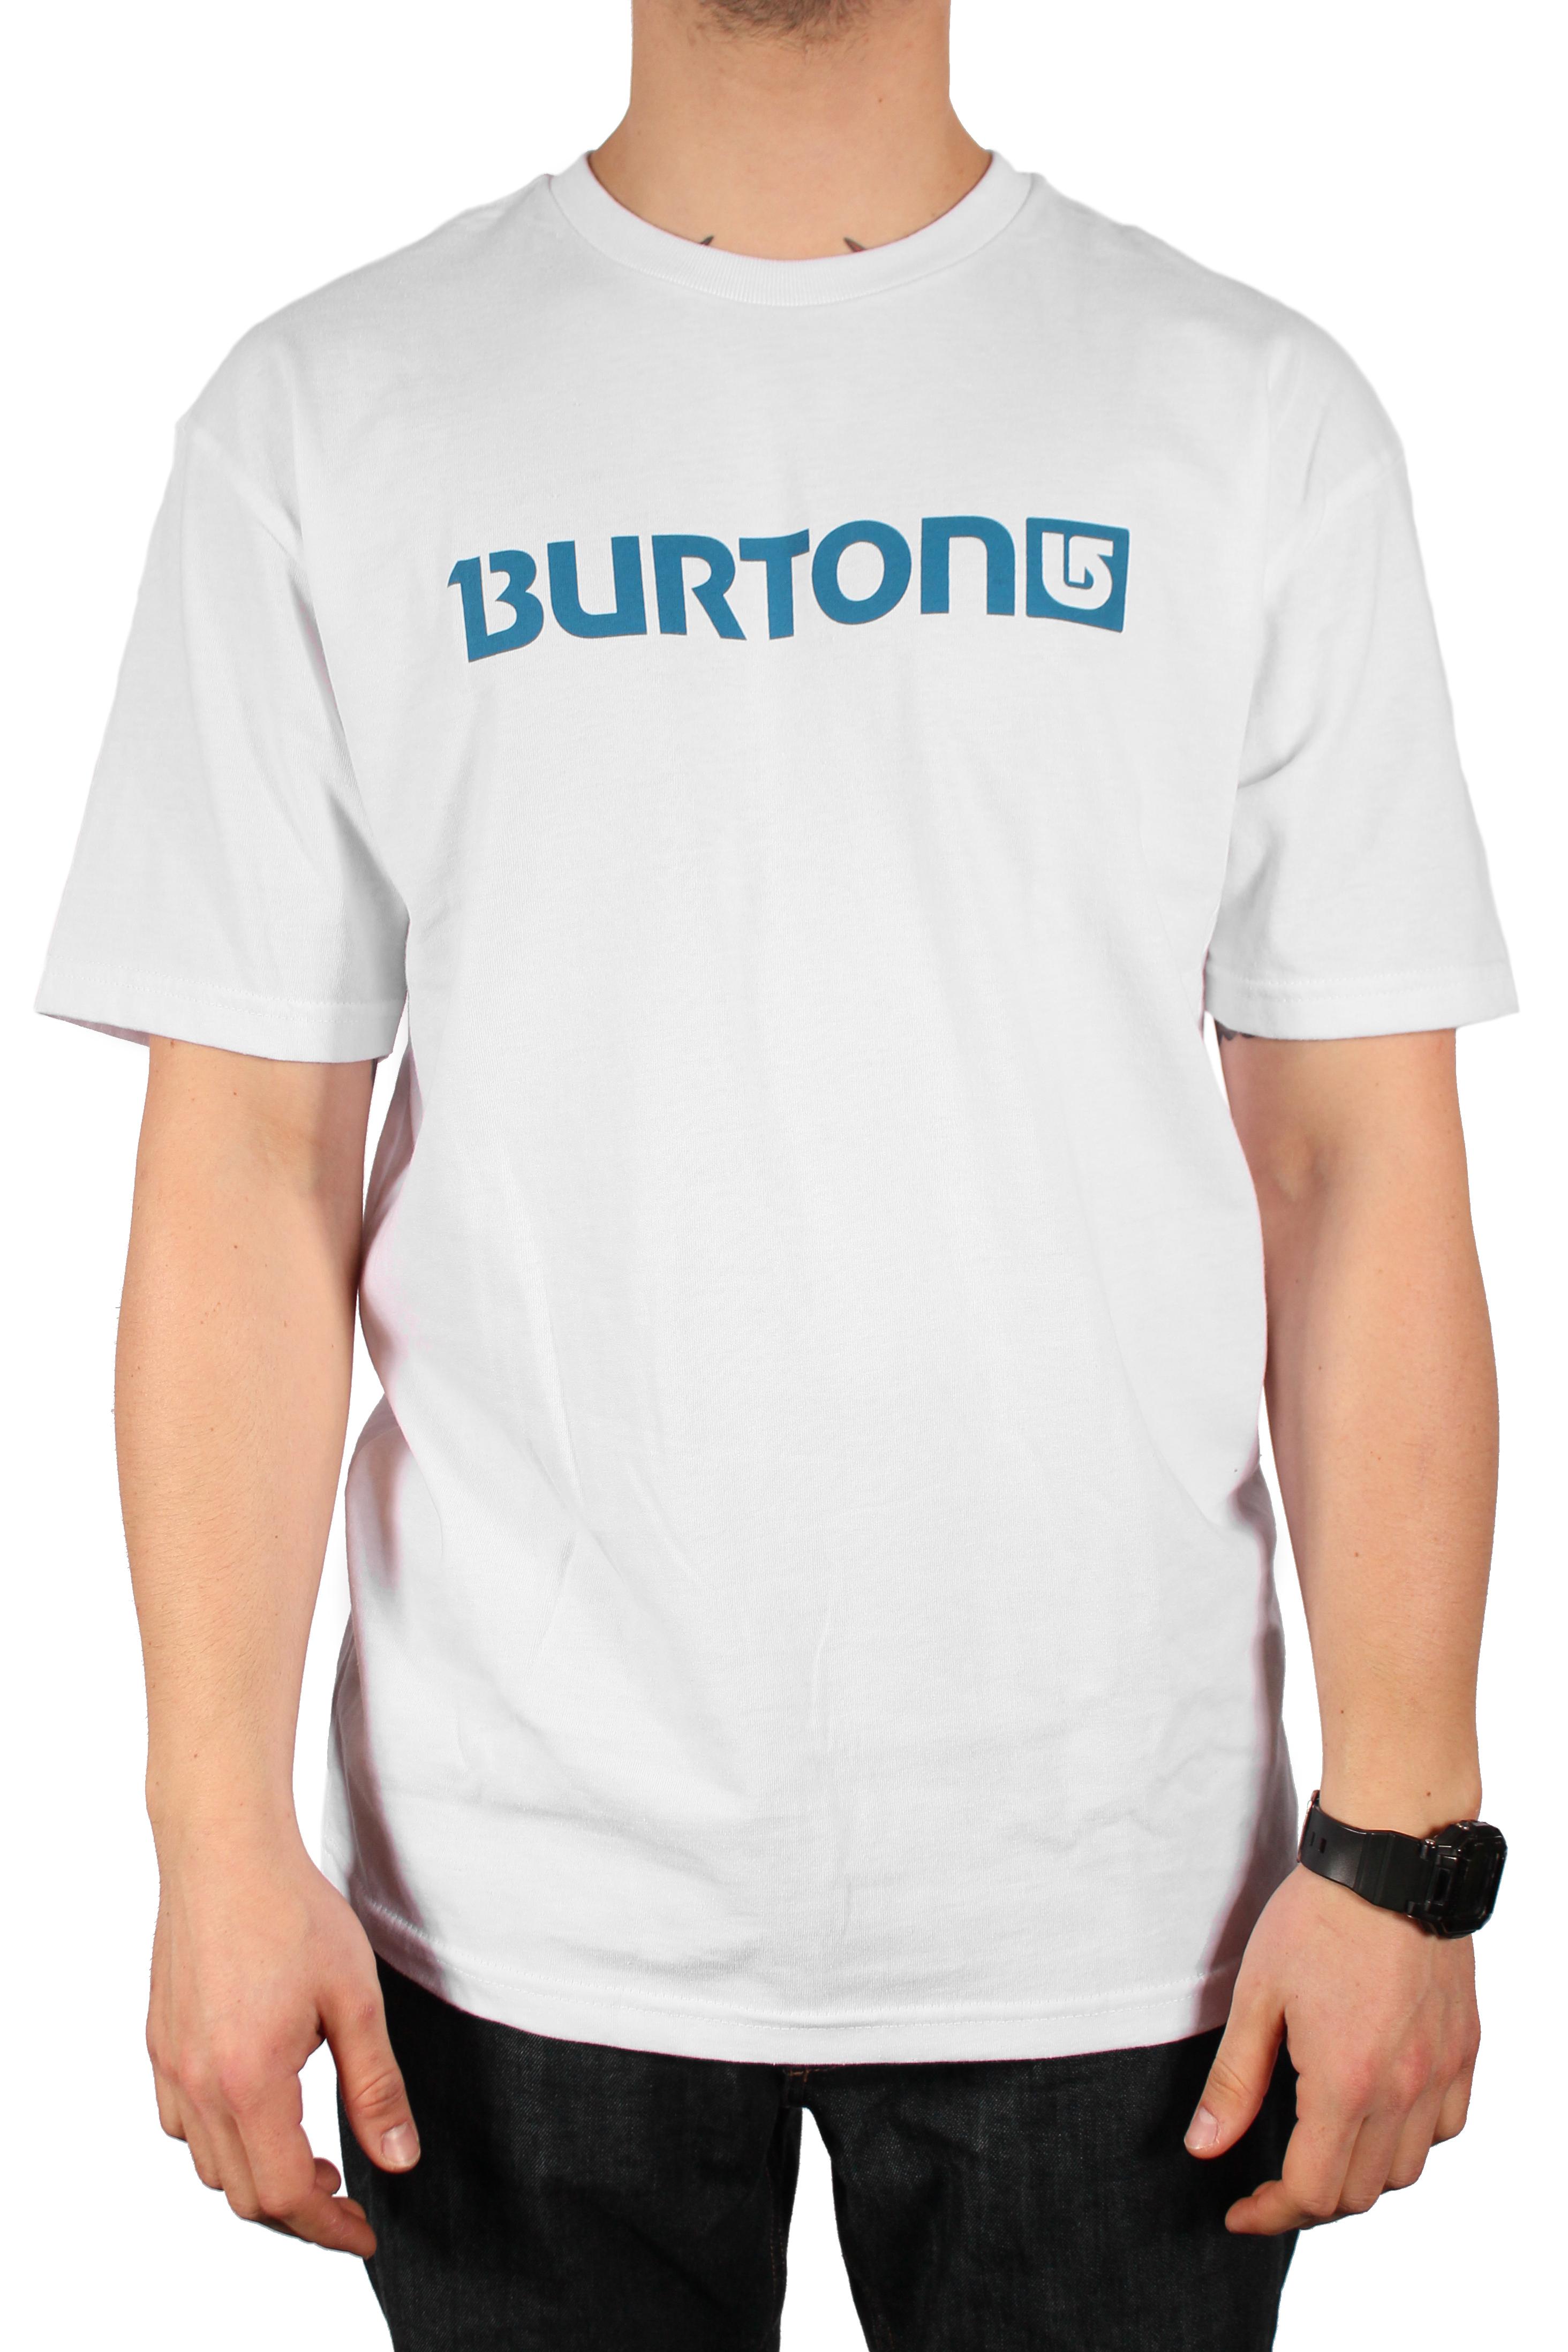 Koszulka Burton Horizontal (Stout White)